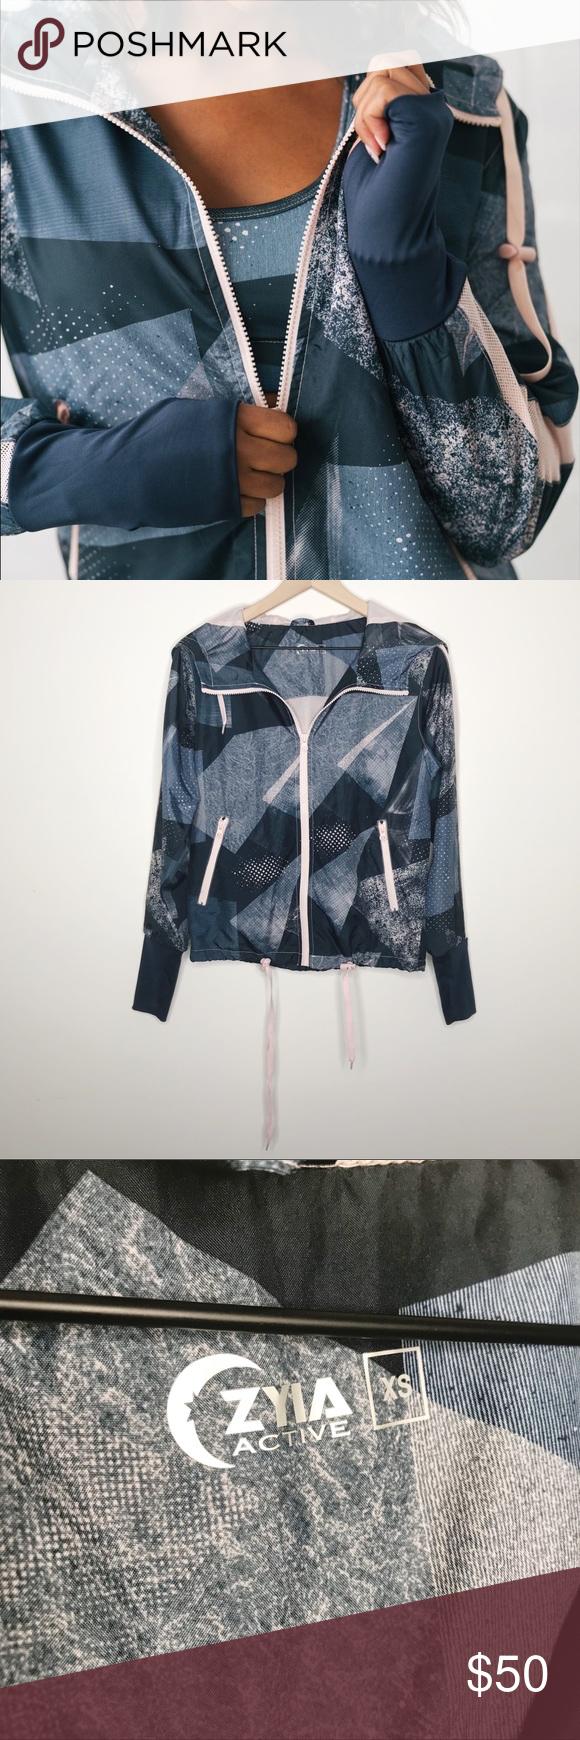 Zyia Radical Bomber Jacket Blue Pink Windbreaker Clothes Design Bomber Jacket Windbreaker [ 1740 x 580 Pixel ]